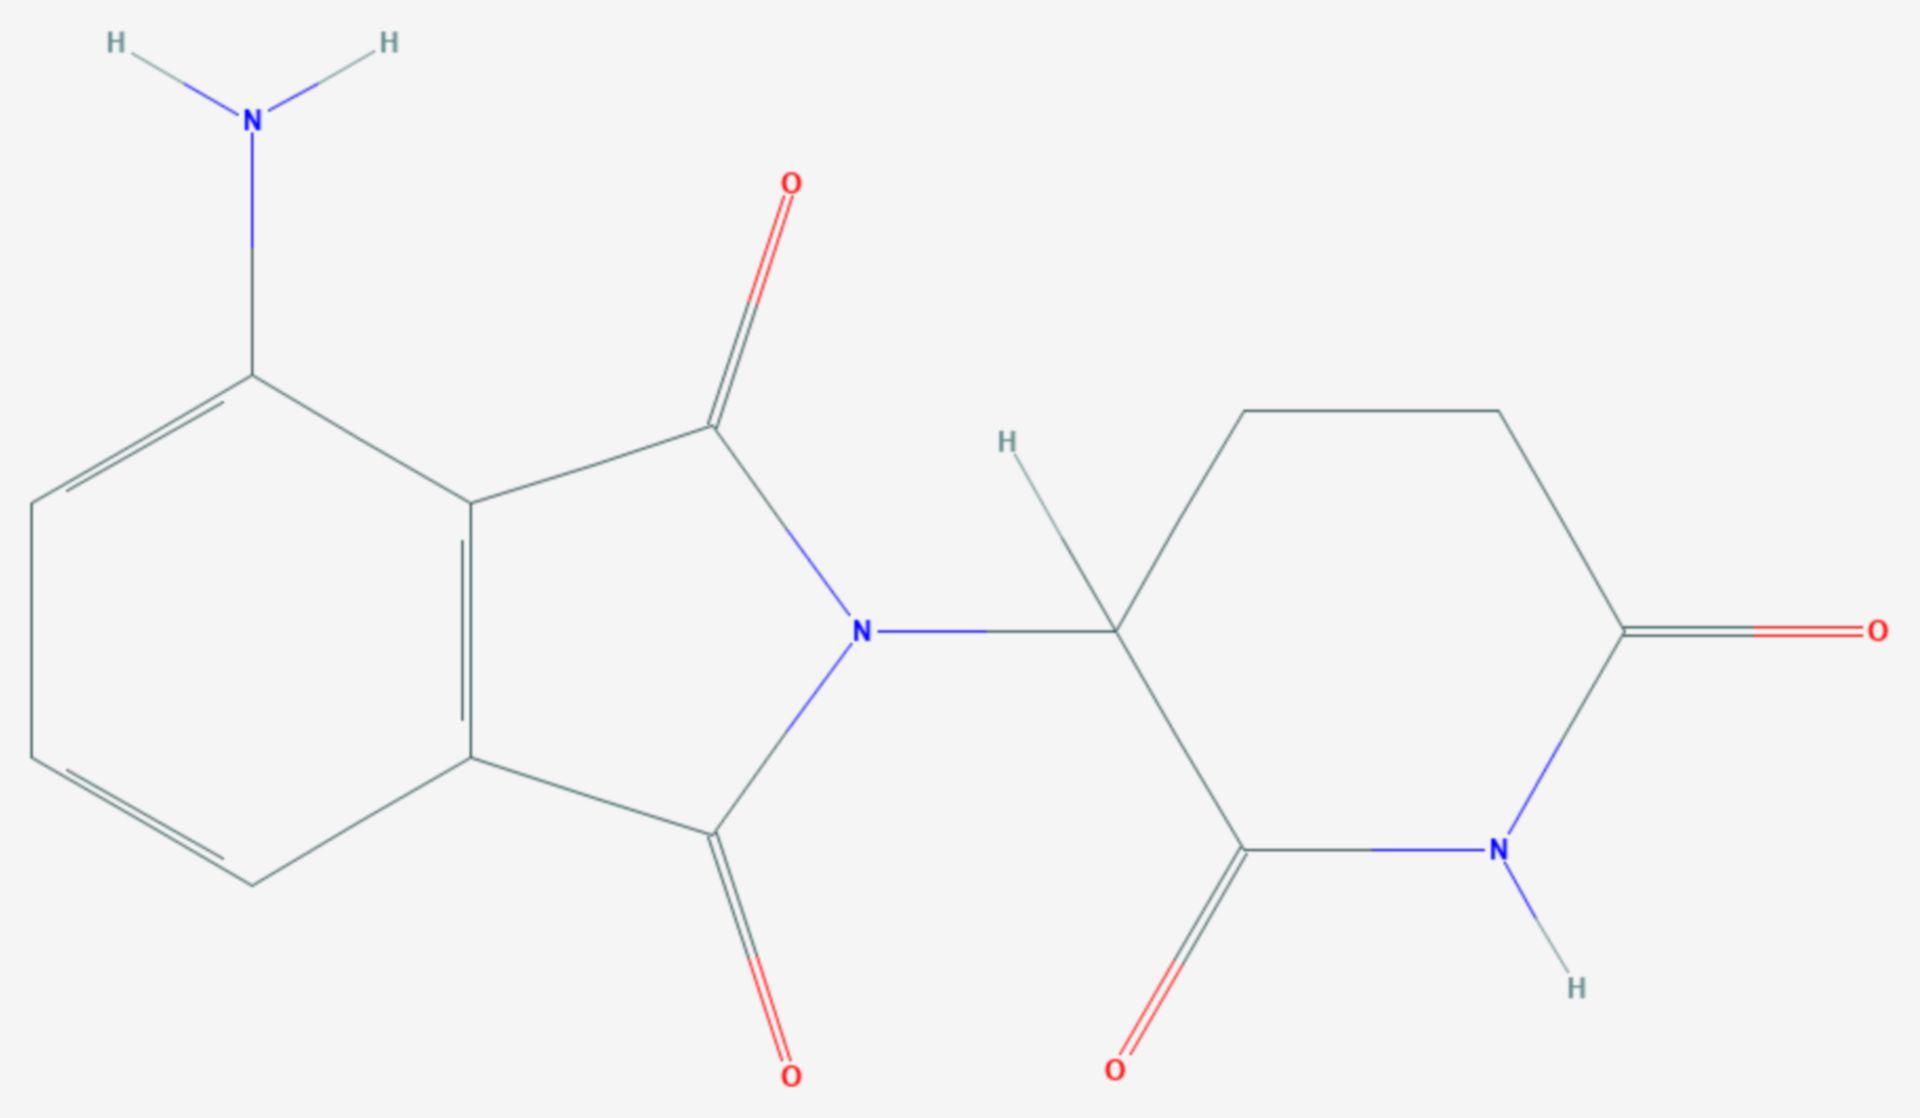 Pomalidomid (Strukturformel)